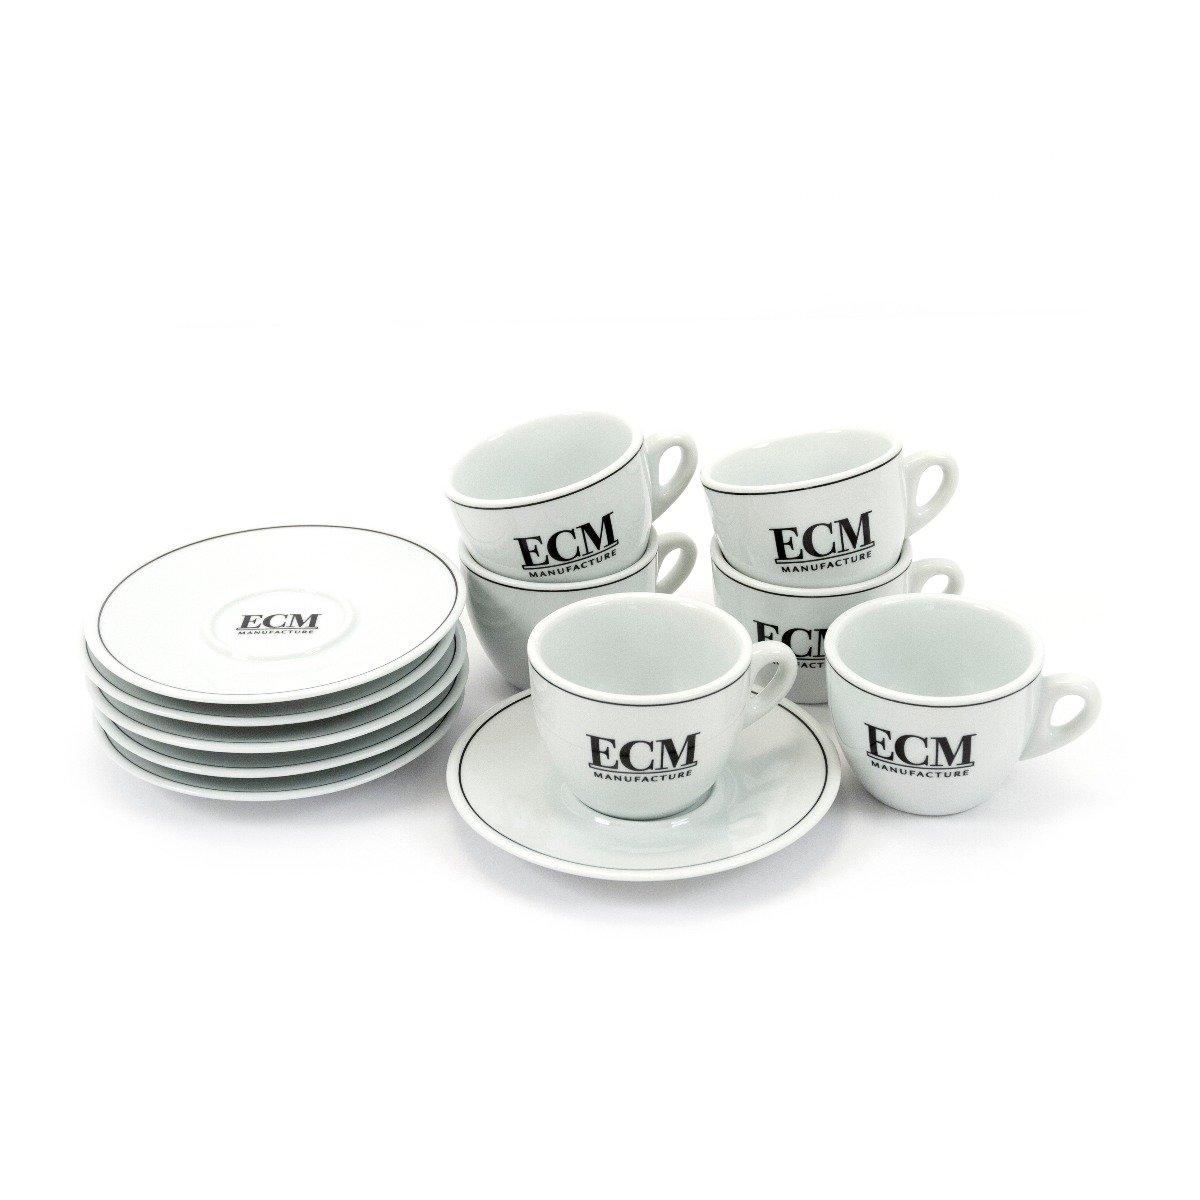 ECM Ceramic Espresso Cups with Saucers Set of 6 #09505